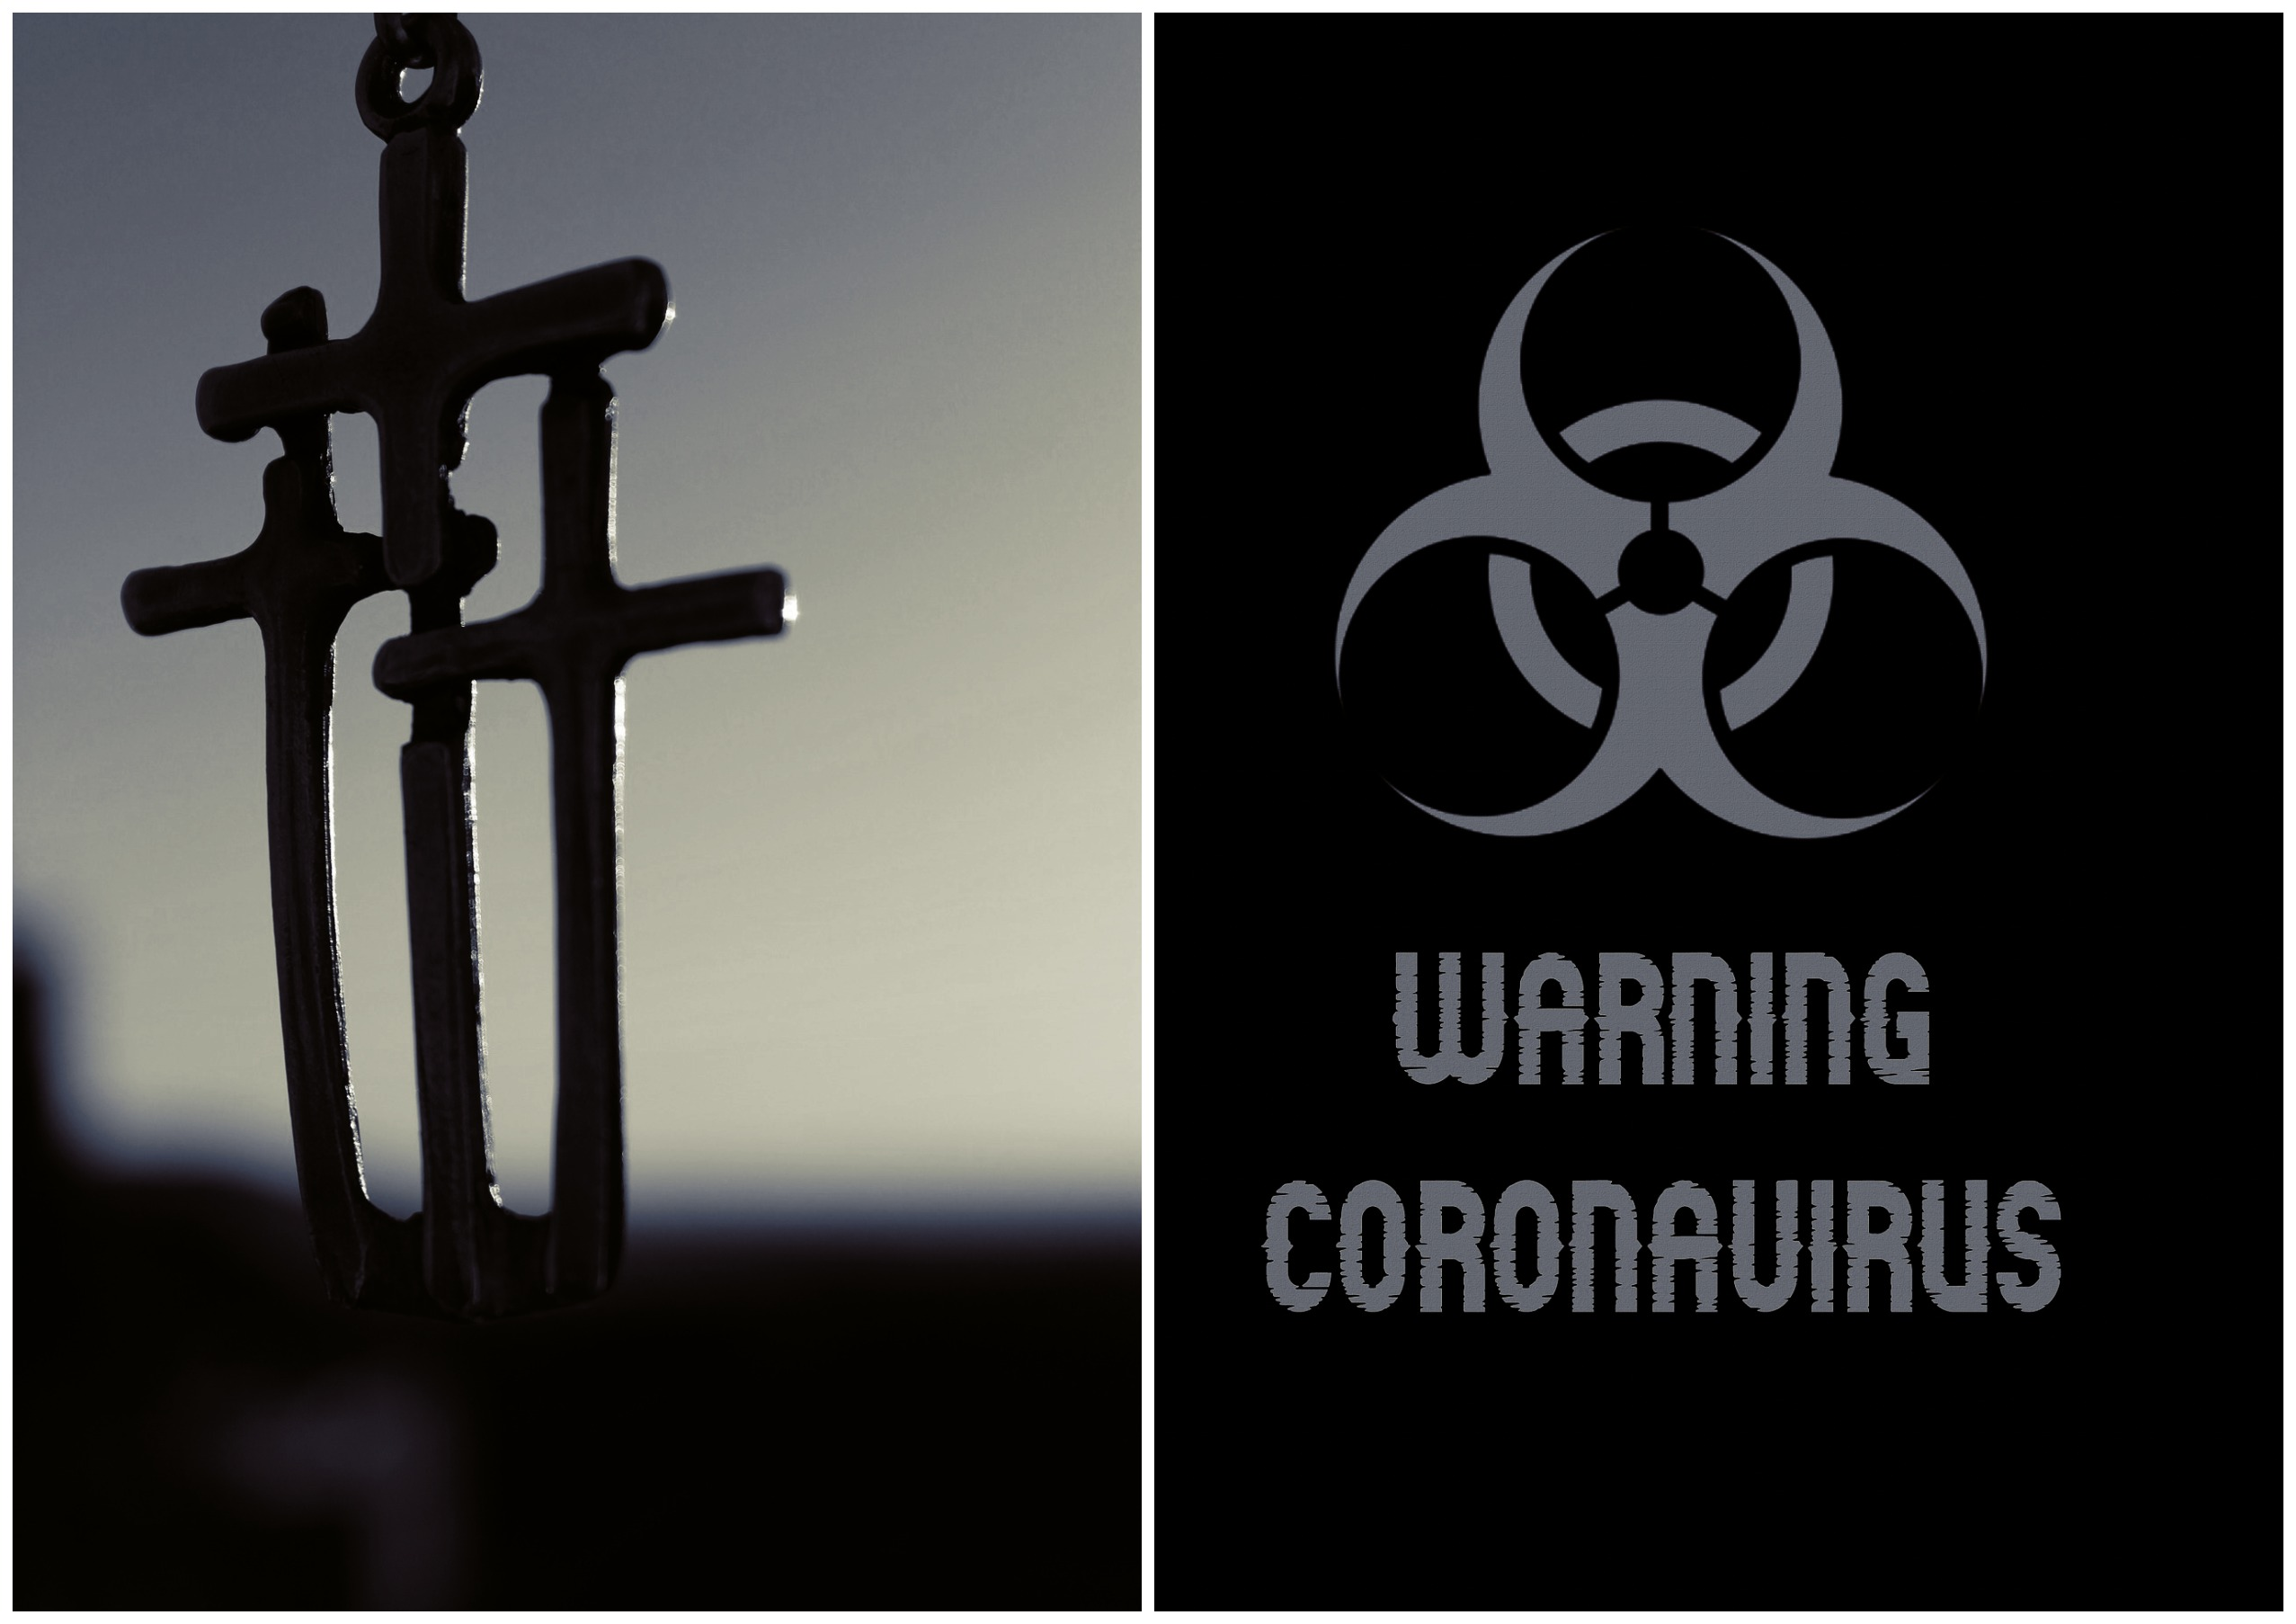 На фото изображены священные кресты и табличка против коронавирусу.